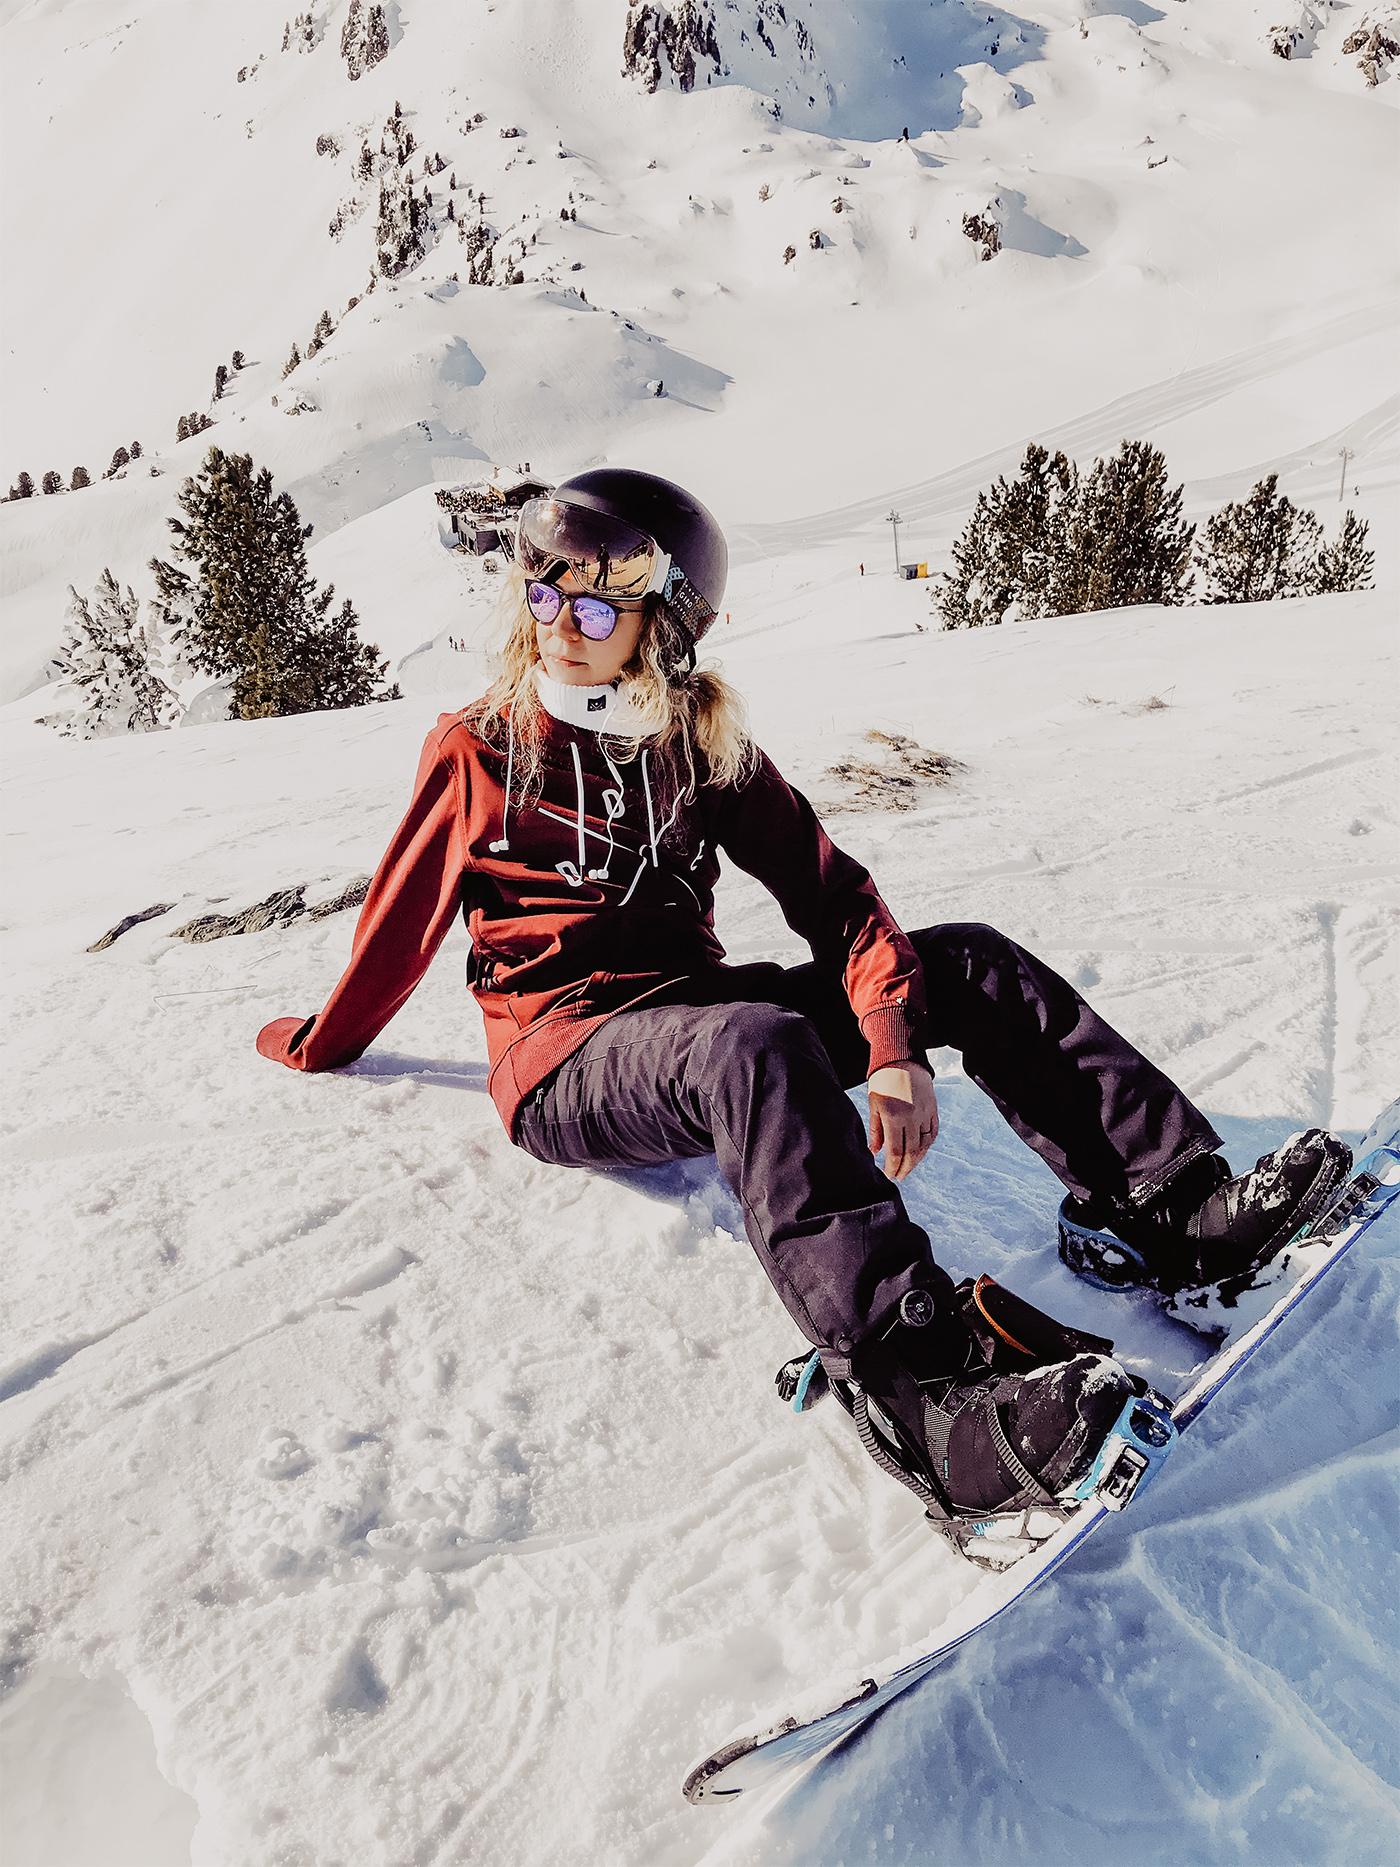 snowboard lernen tipps kurs